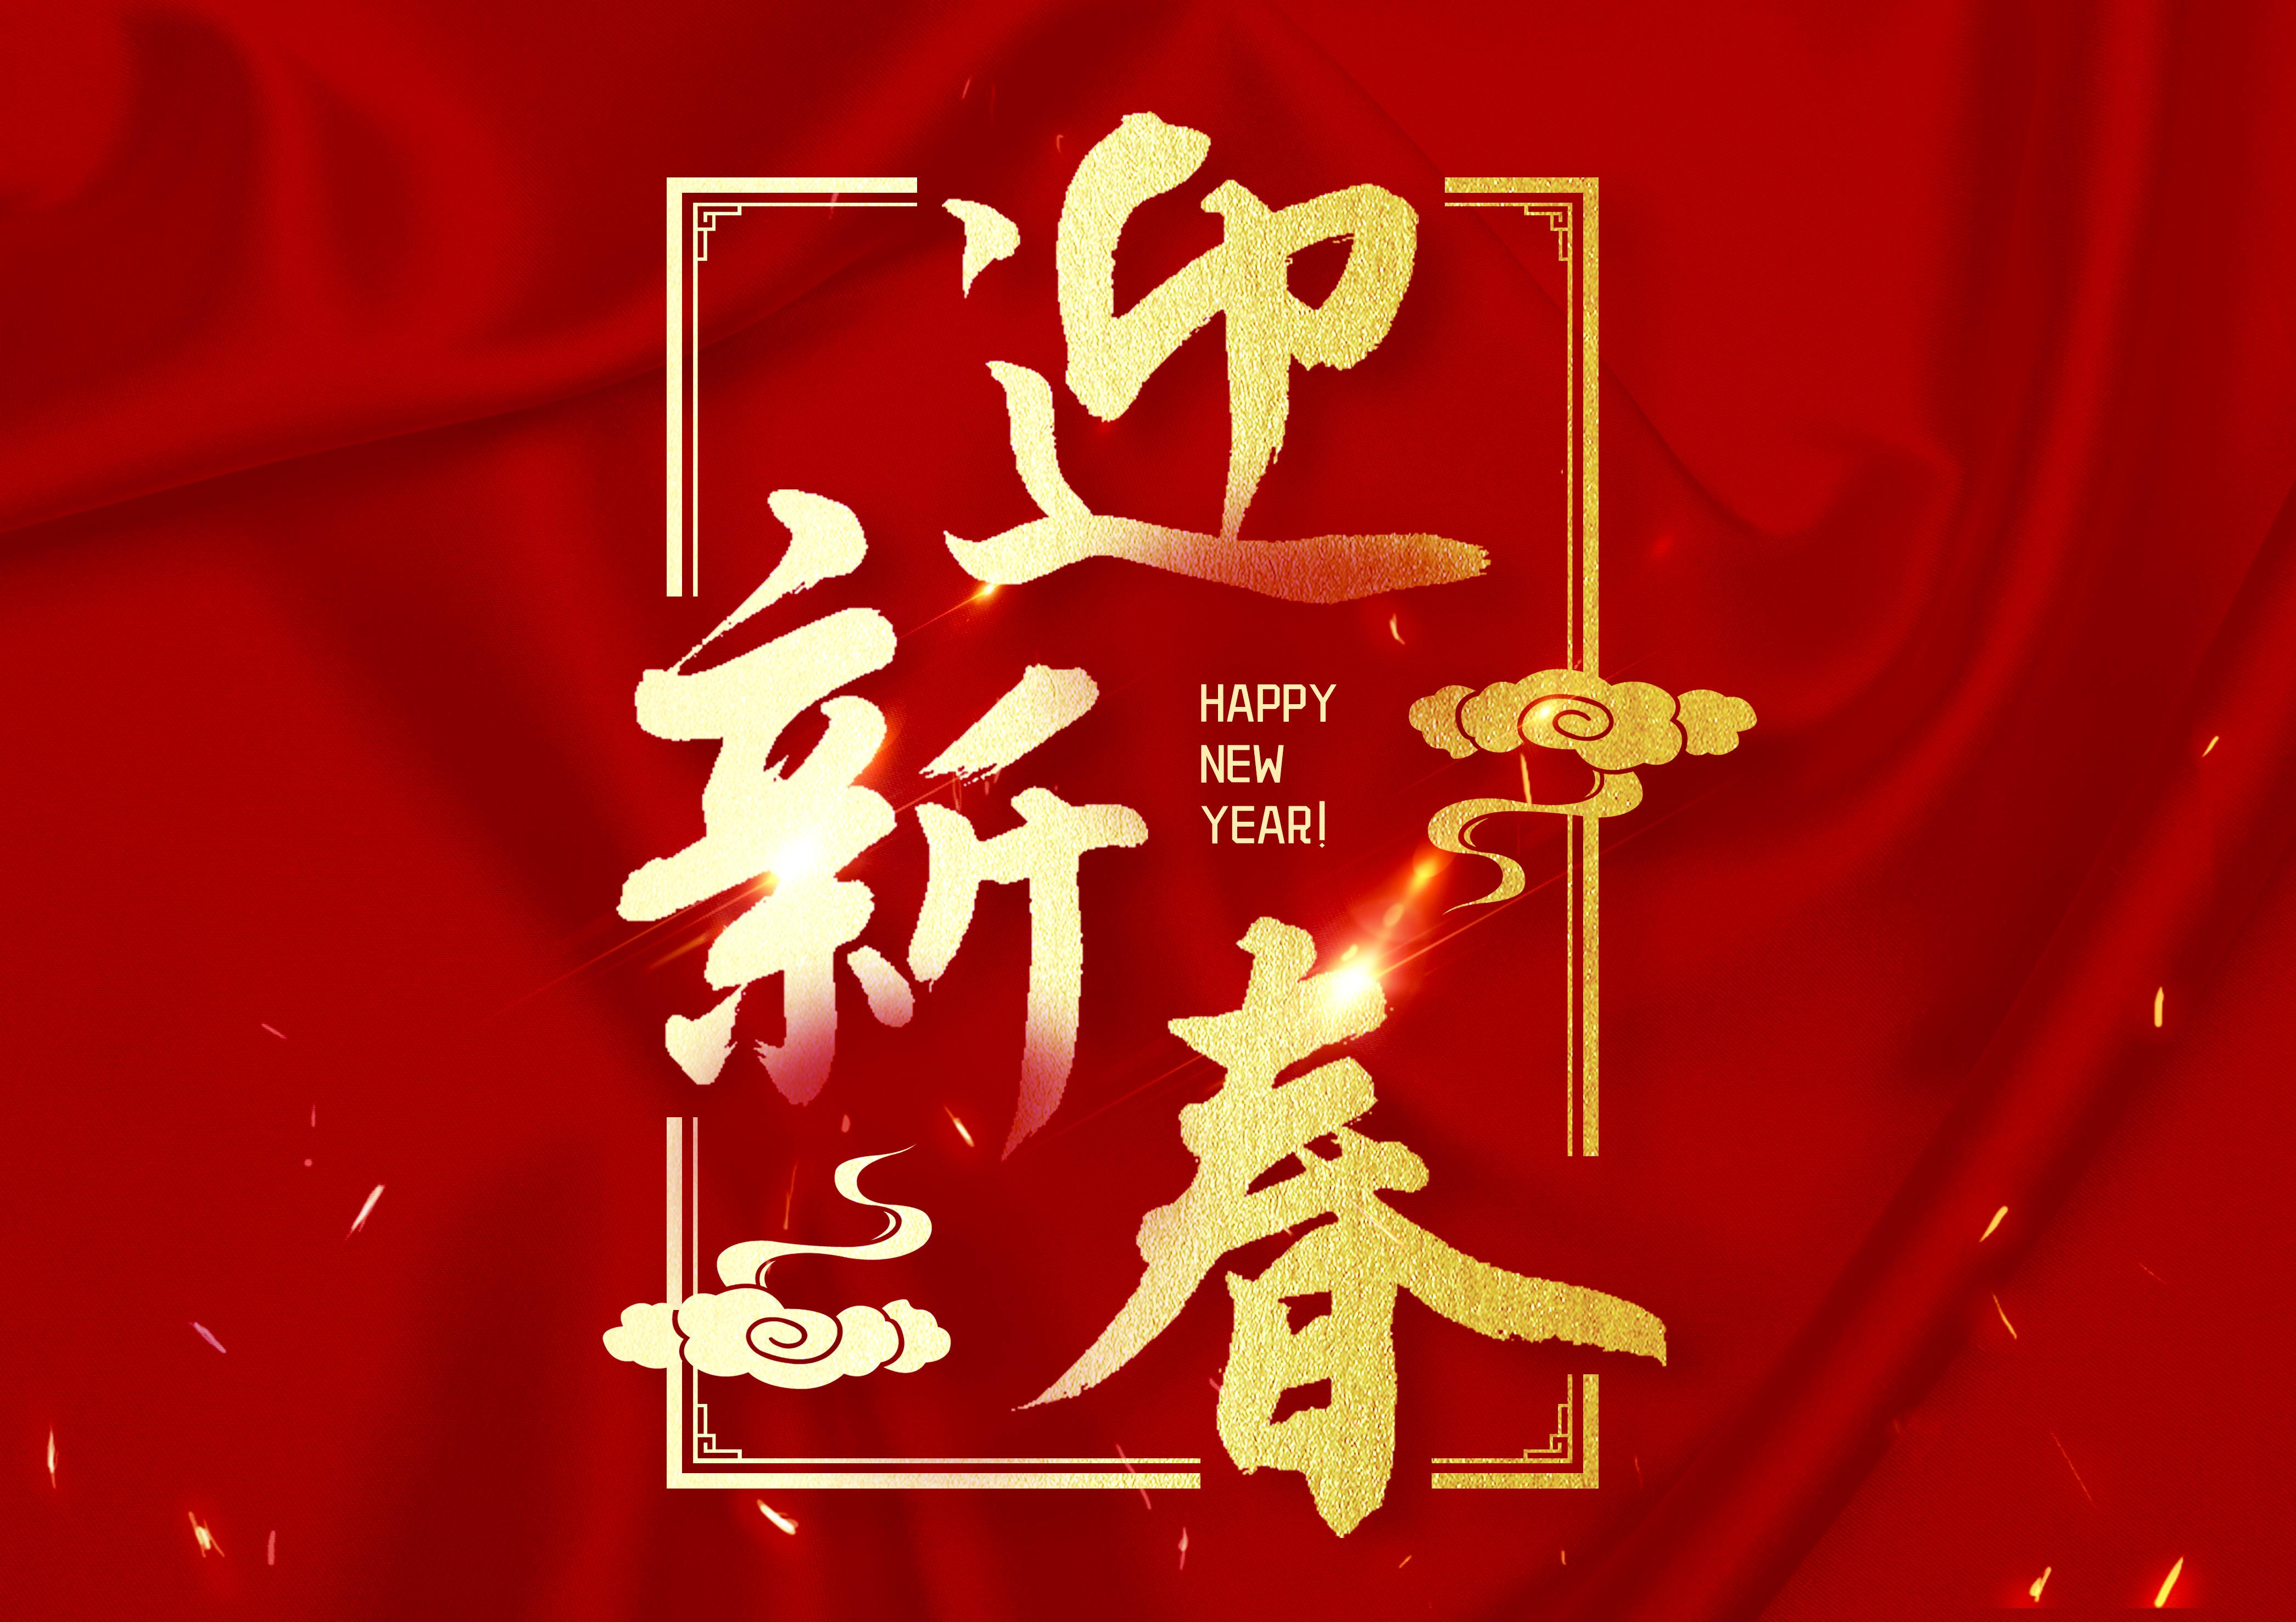 【华人社区服务中心专栏】渥太华华人社区服务中心微信公众号 将于2020年1月25日正式开通!